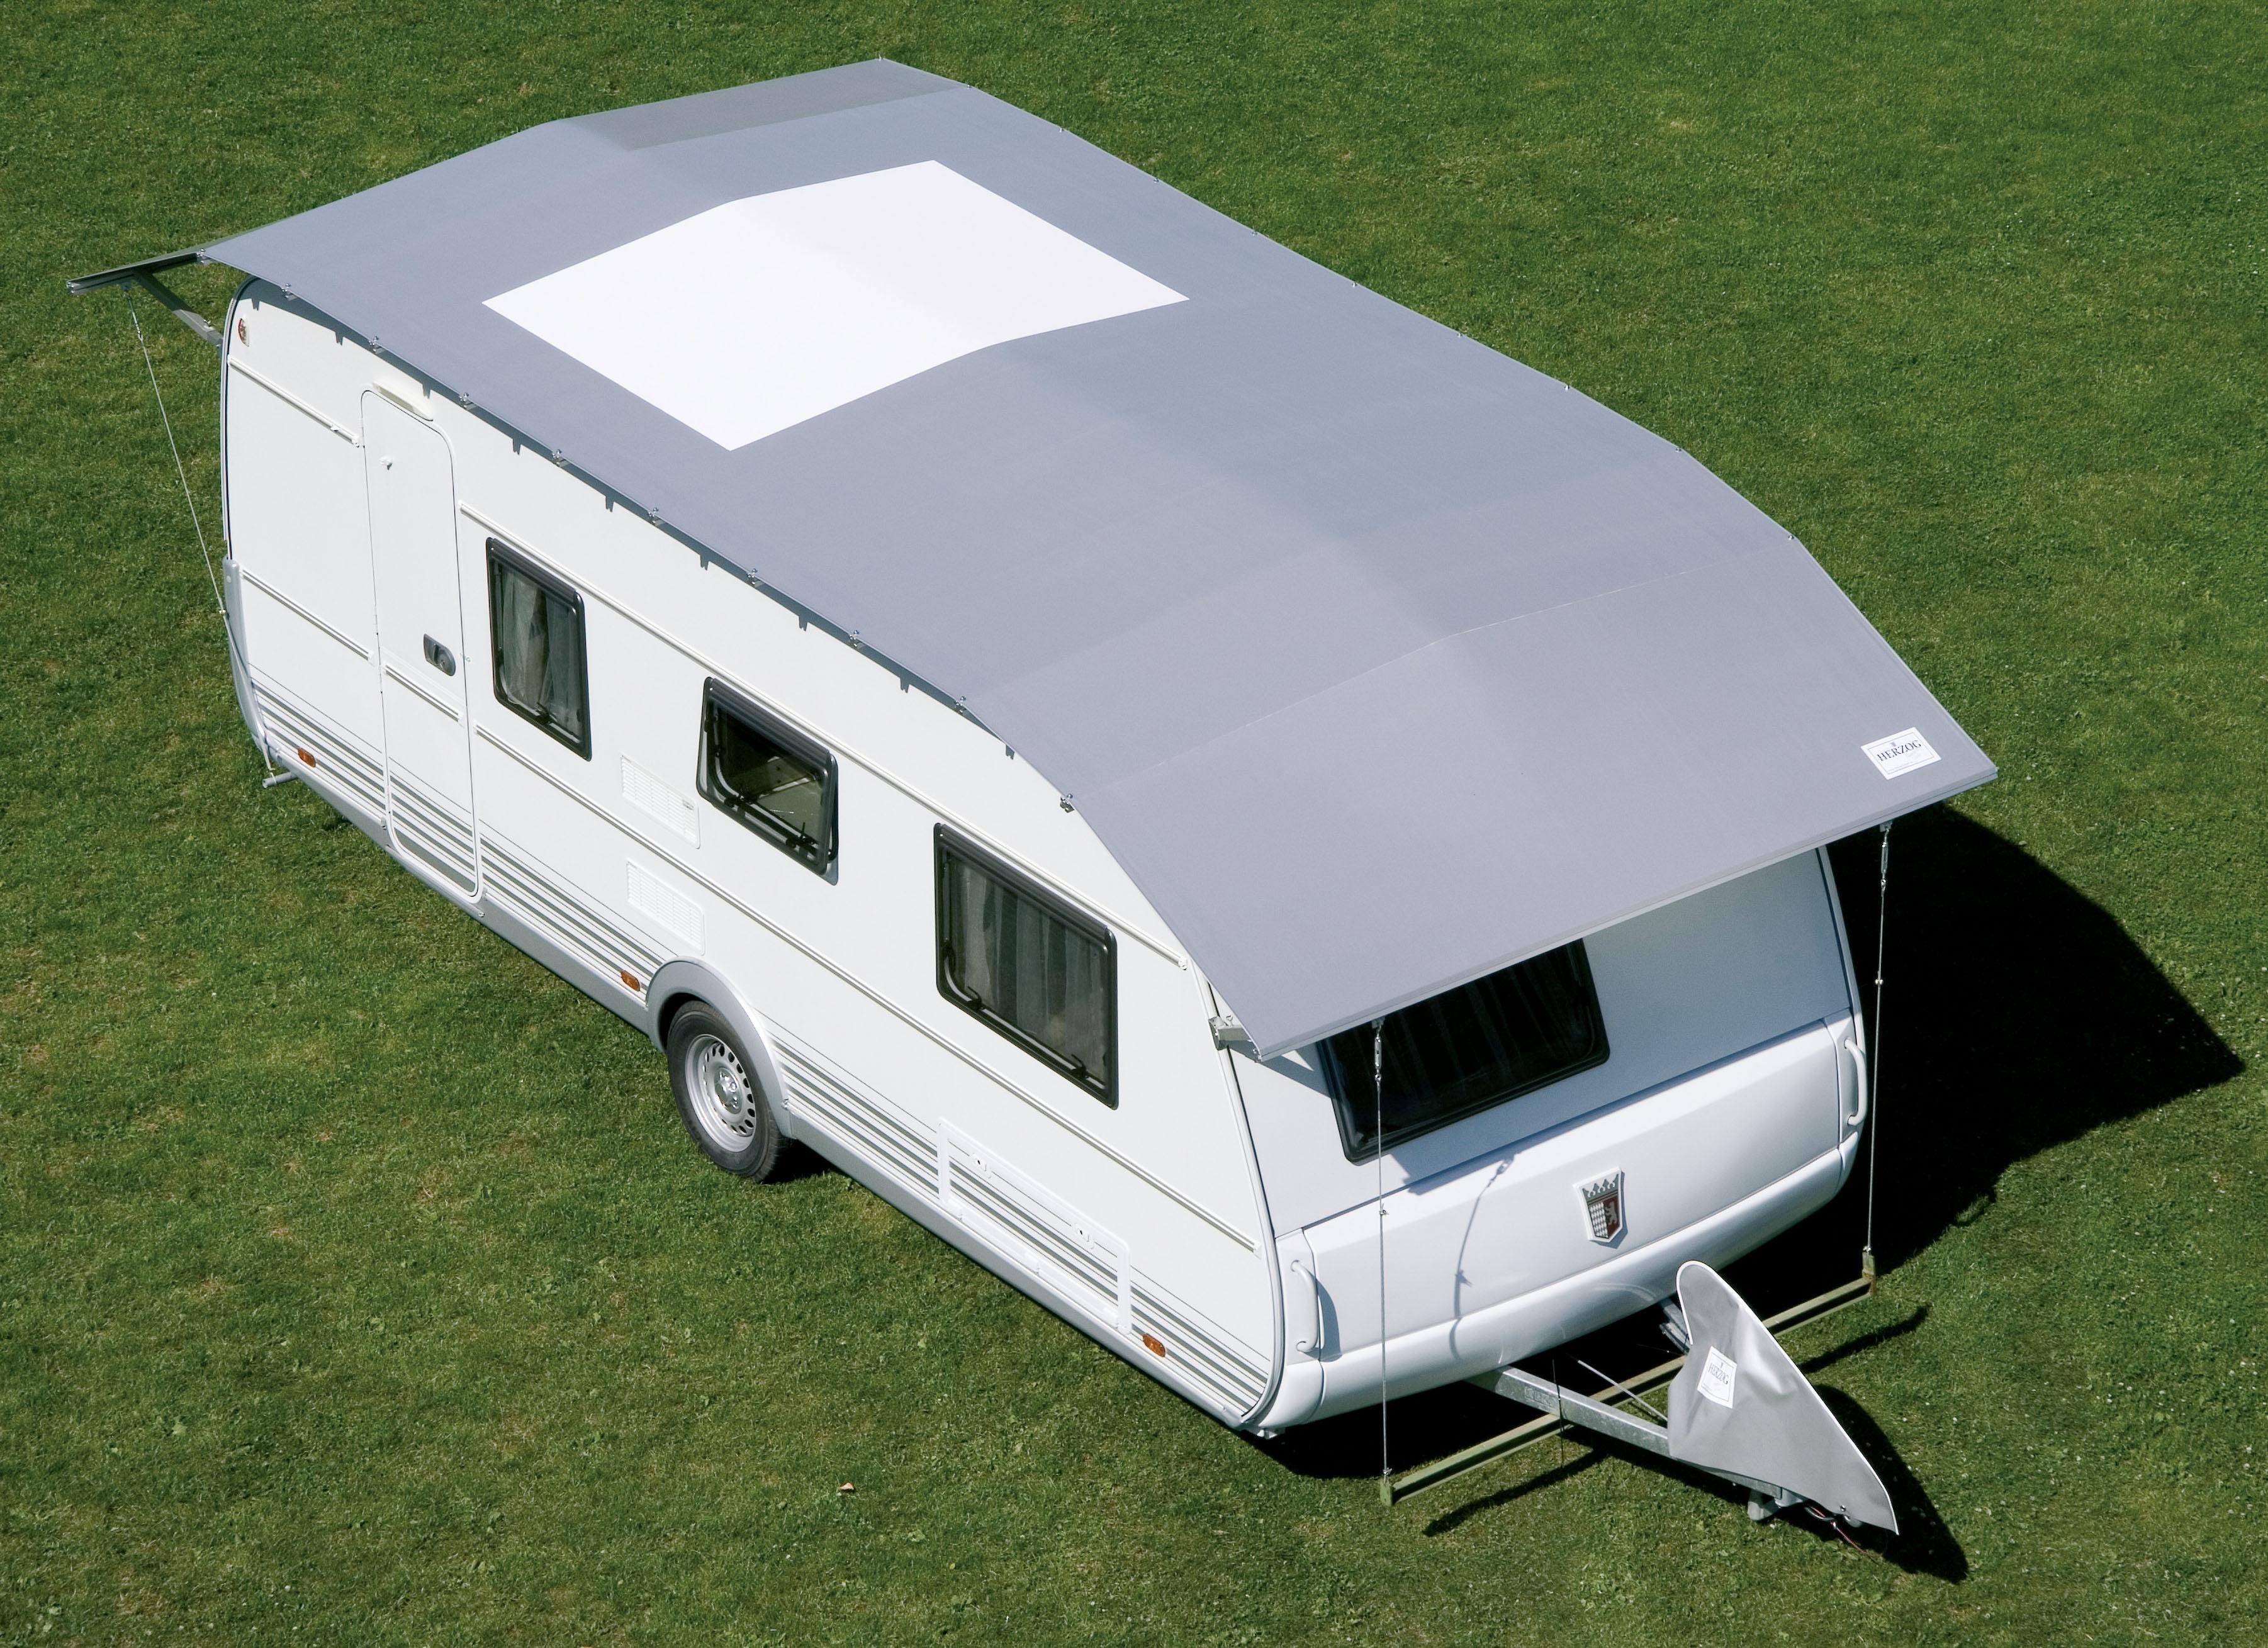 beschermhoes caravan tegen hagel